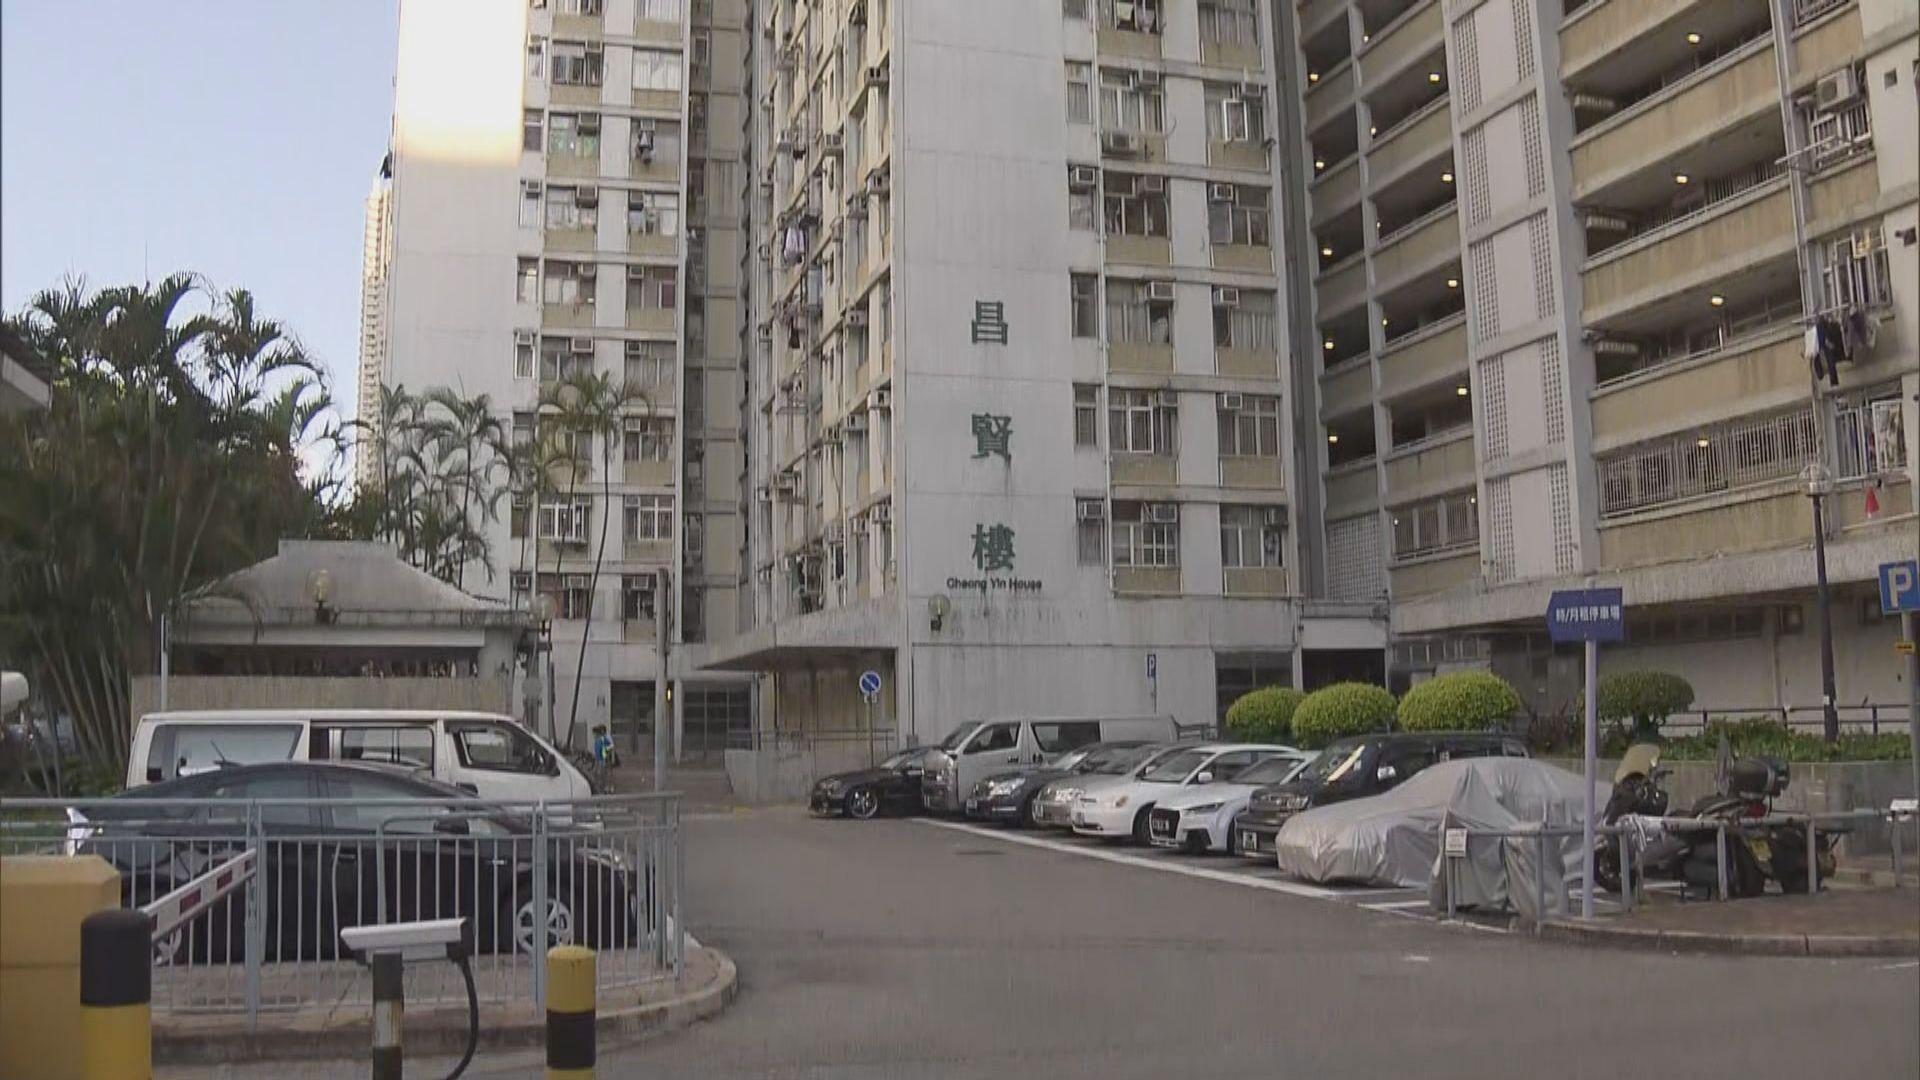 13宗個案感染源頭不明 患者居於多條公共屋邨